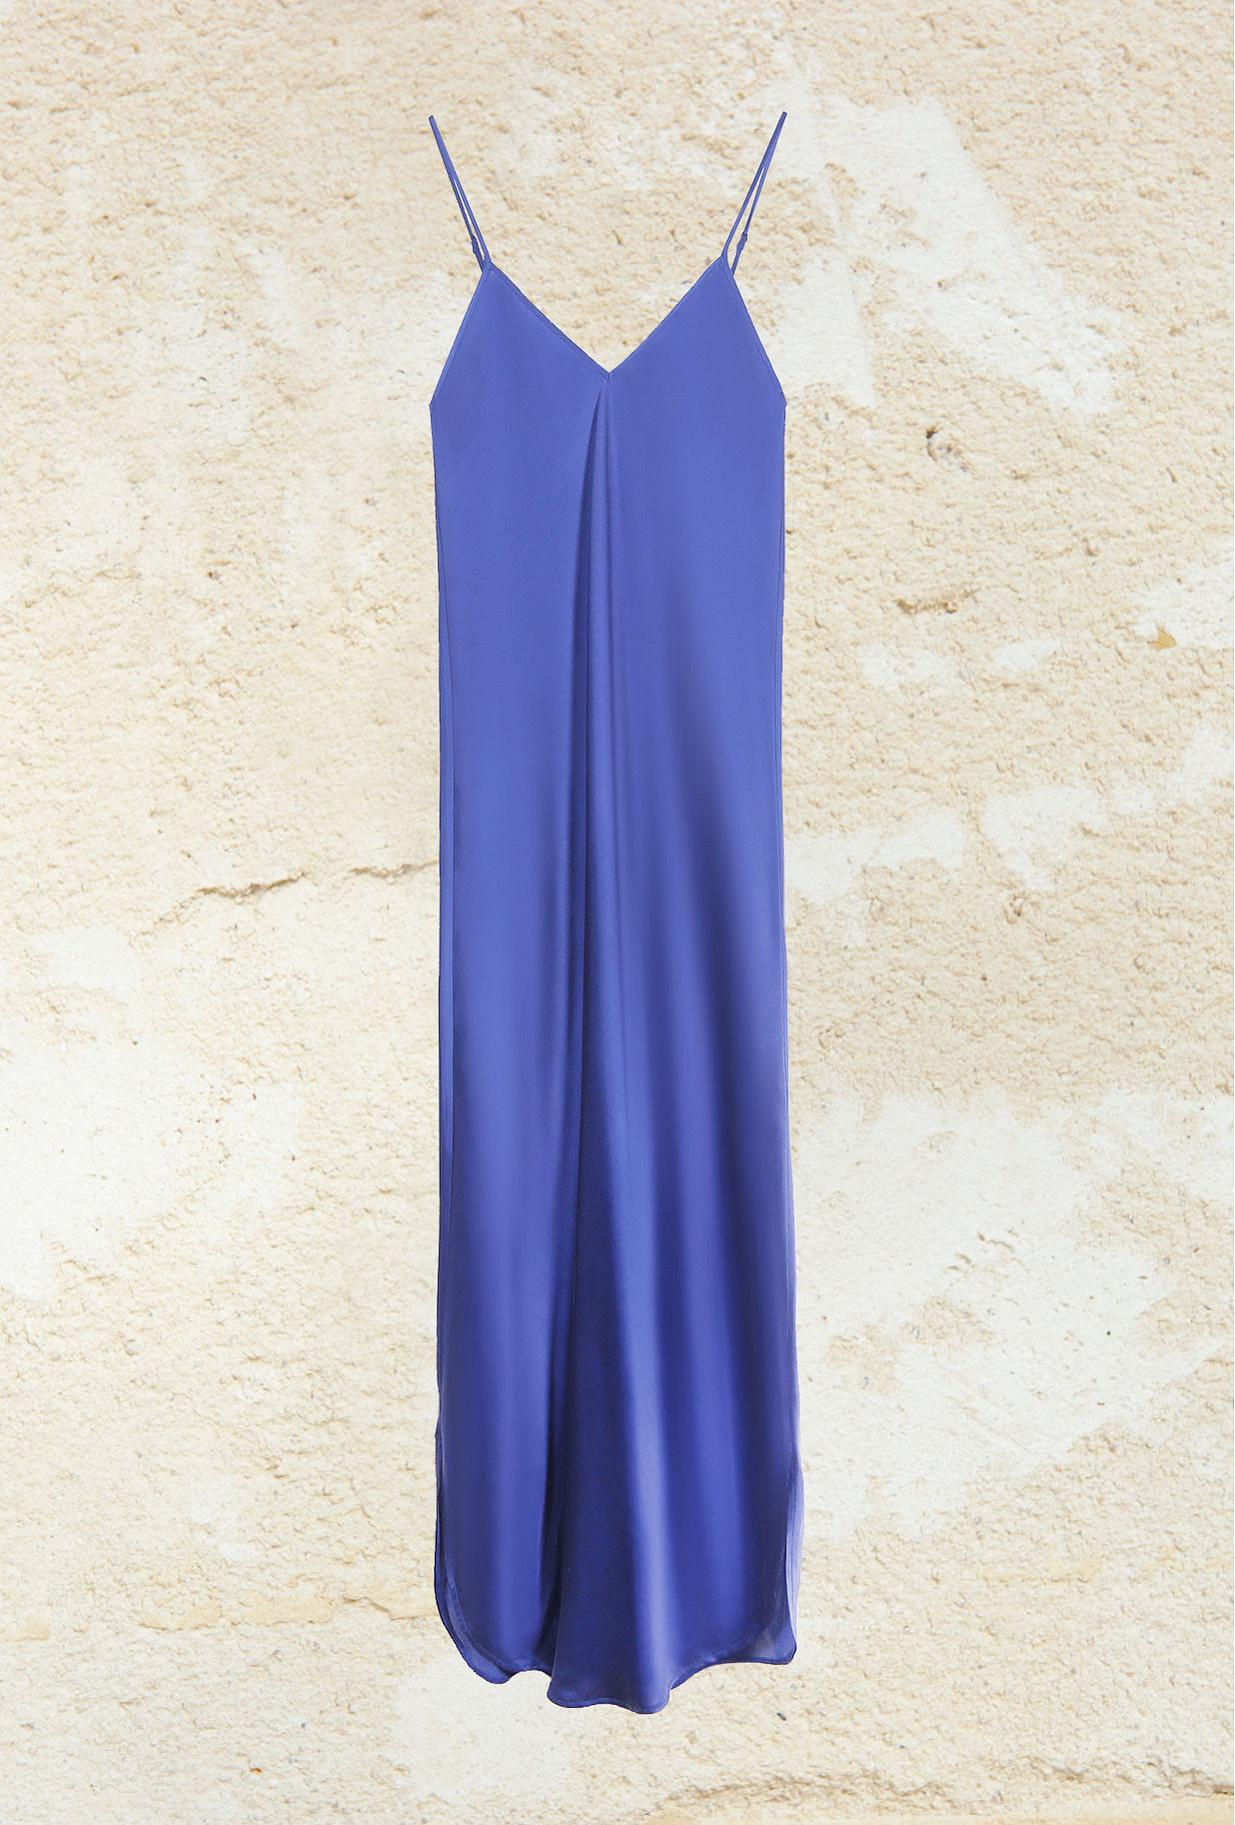 Robe Bleu Tess Mes Demoiselles Paris